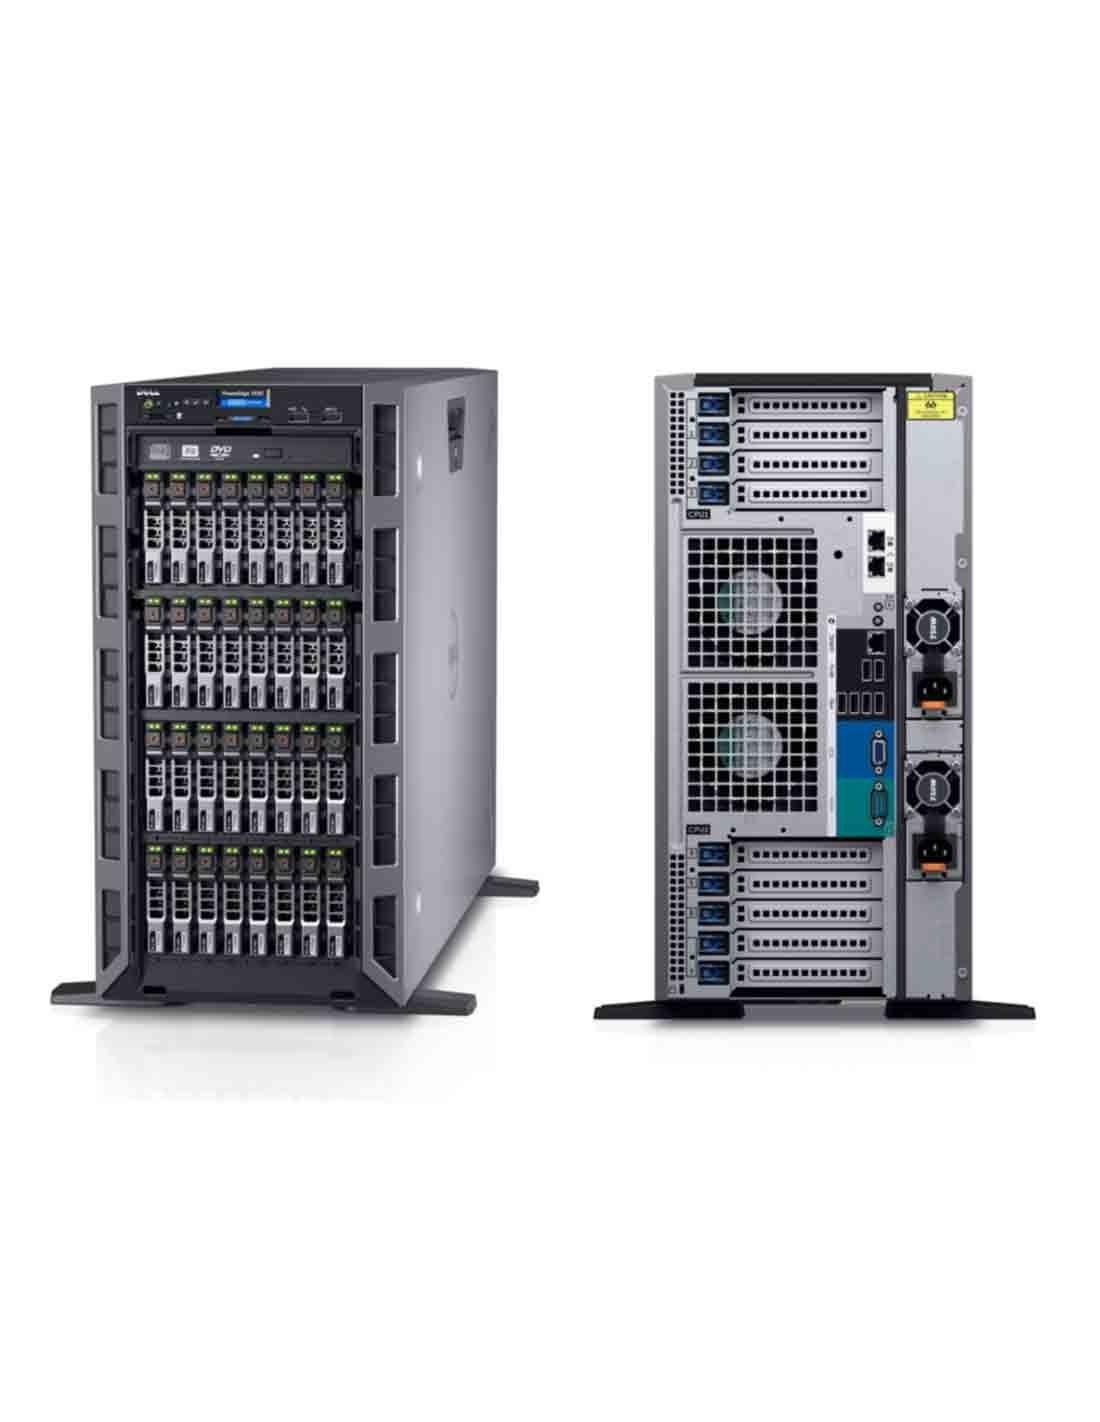 Dell PowerEdge T630 Tower Server Dubai Online Store